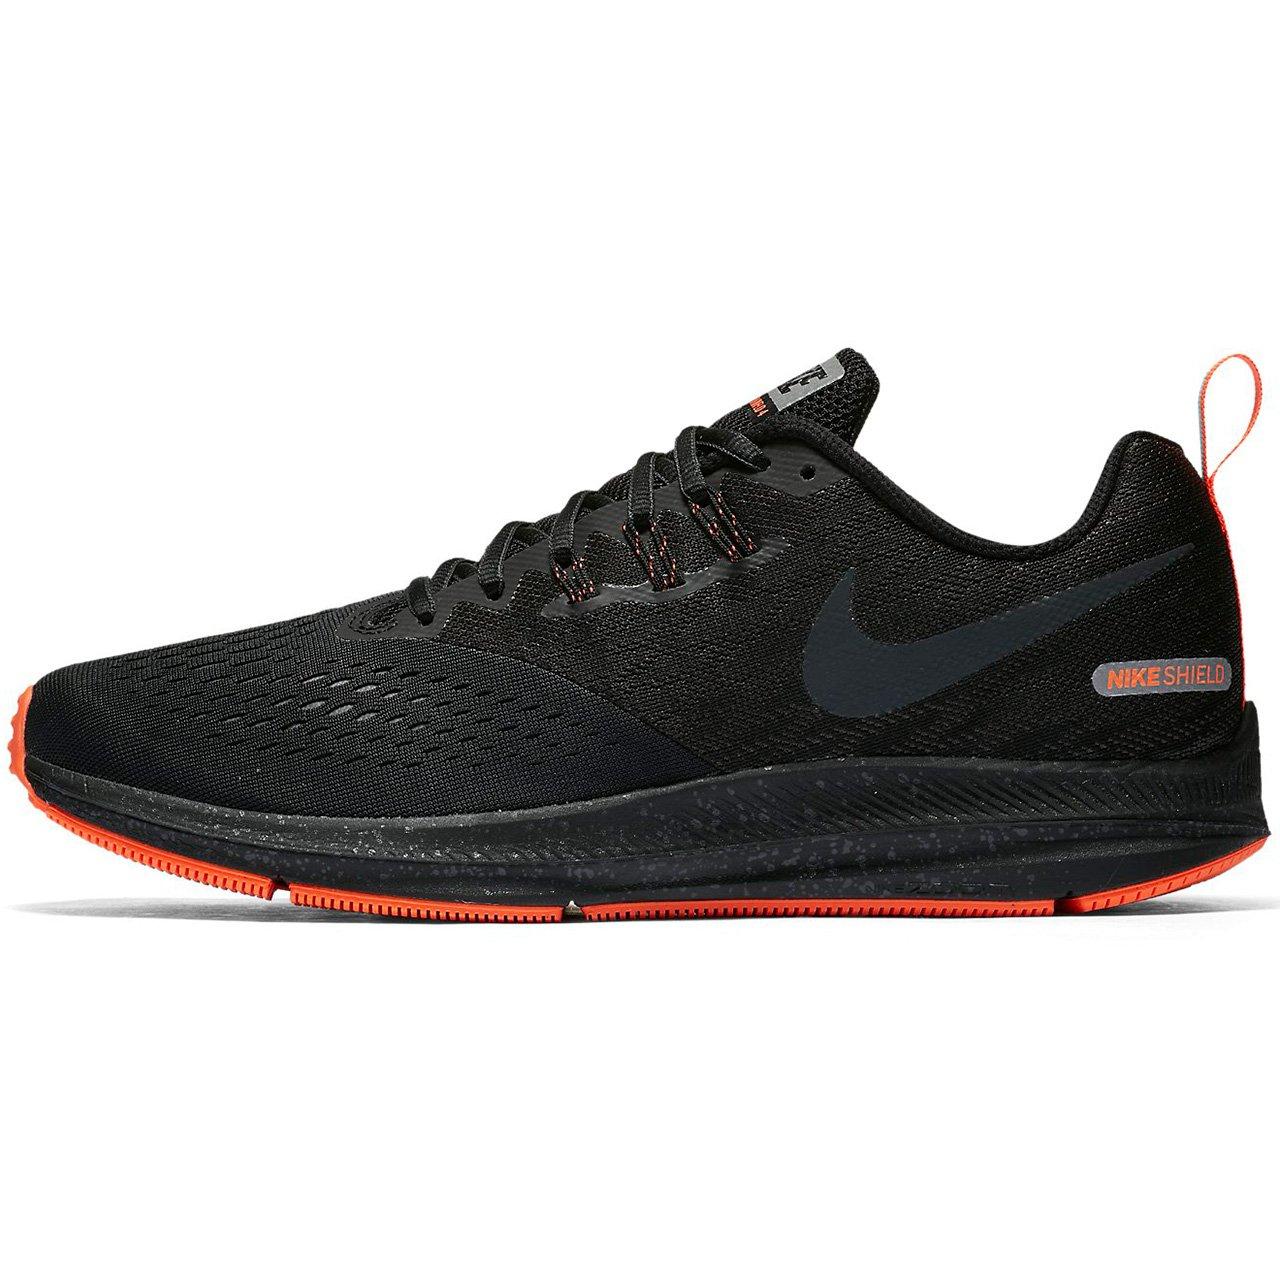 05e8f8c69b Nike Zoom Winflo 4